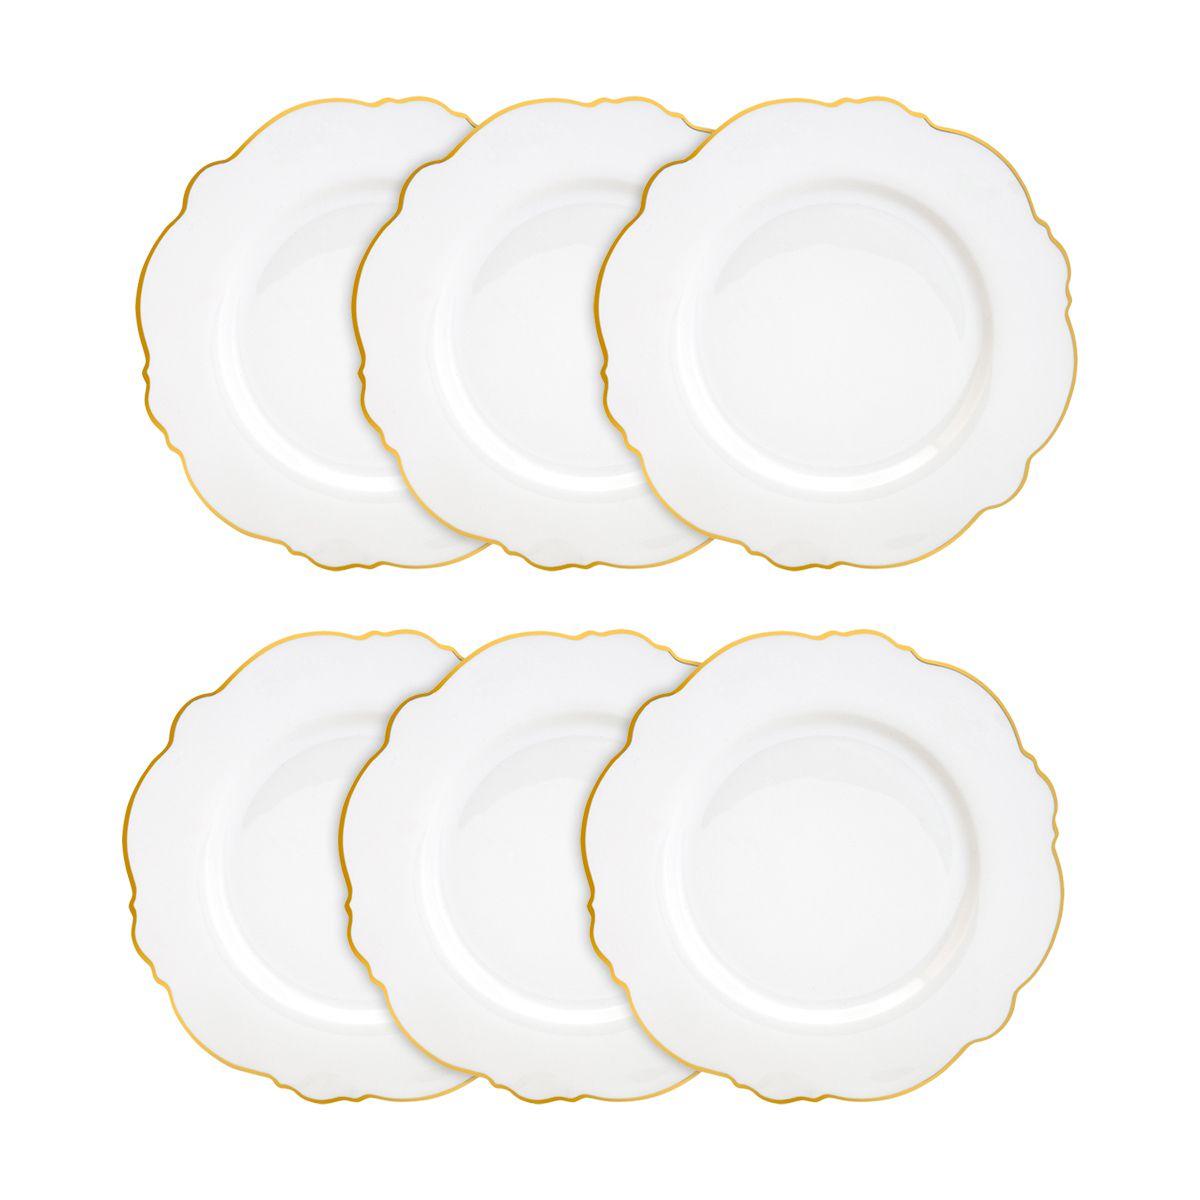 Jogo 6 pratos rasos 28 cm de porcelana branca com fio dourado Maldivas Wolff - 35370